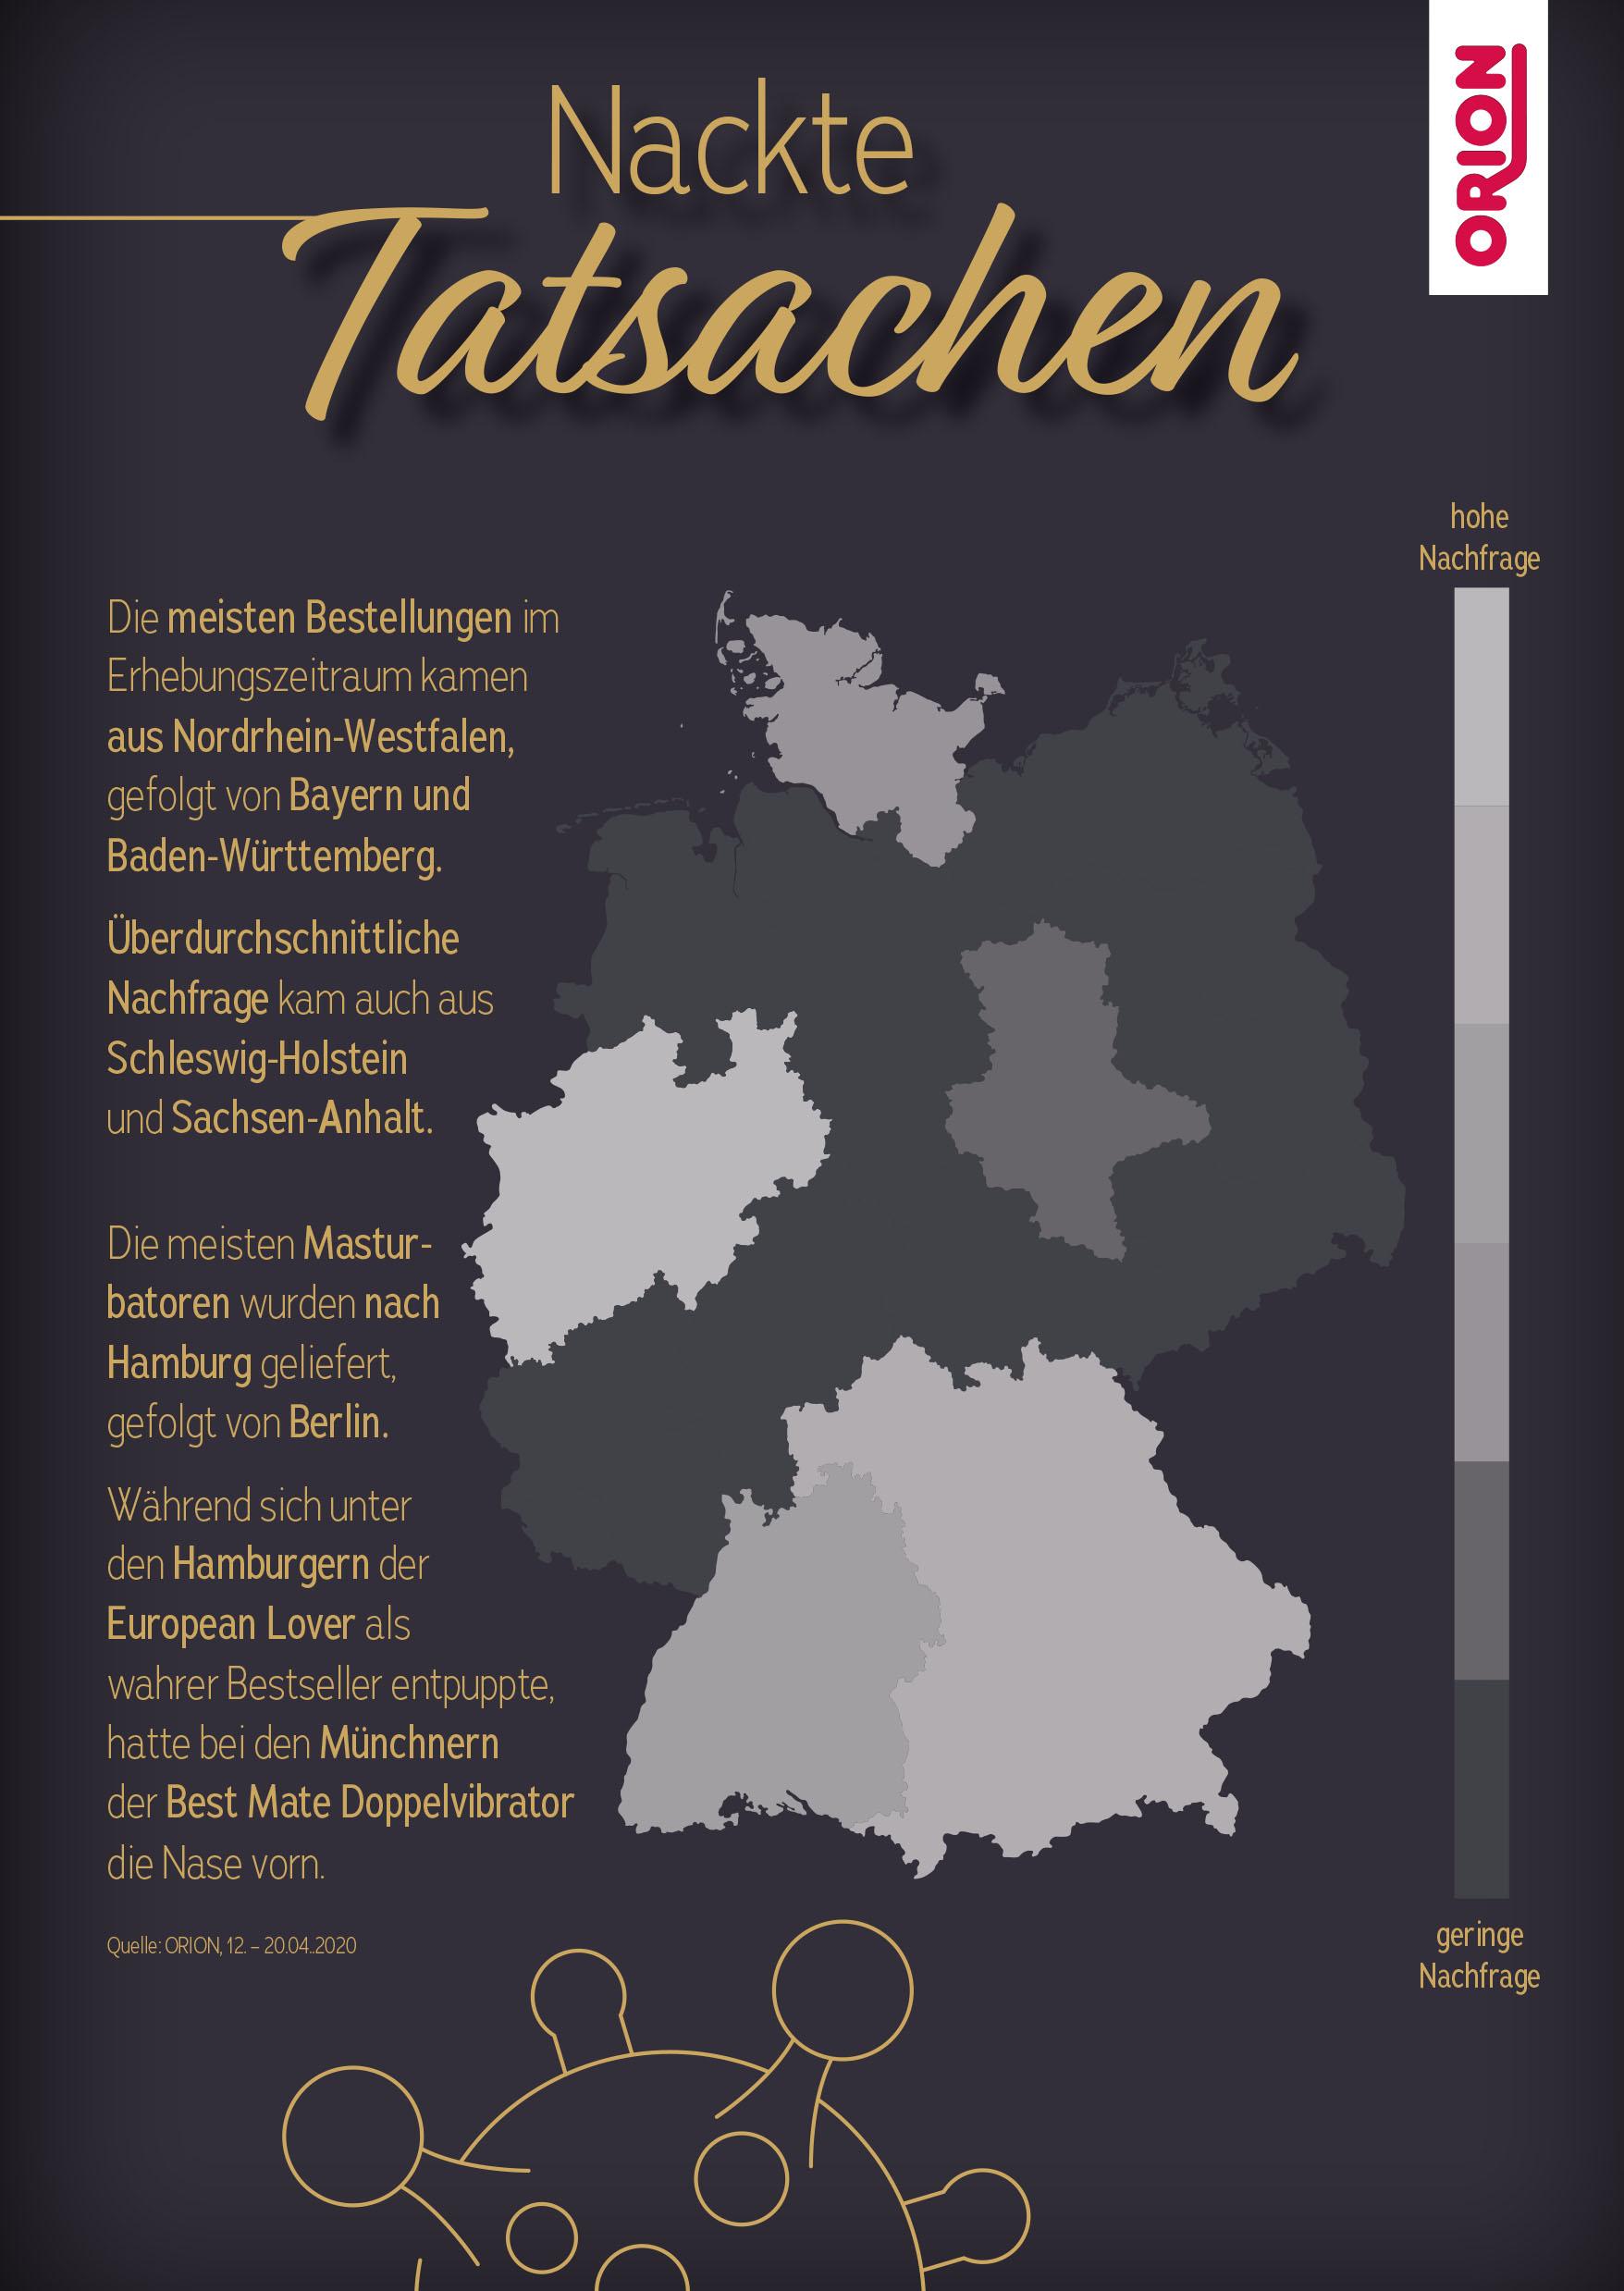 Nackte Tatsachen: Was bestellt Deutschland in Corona-Zeiten?